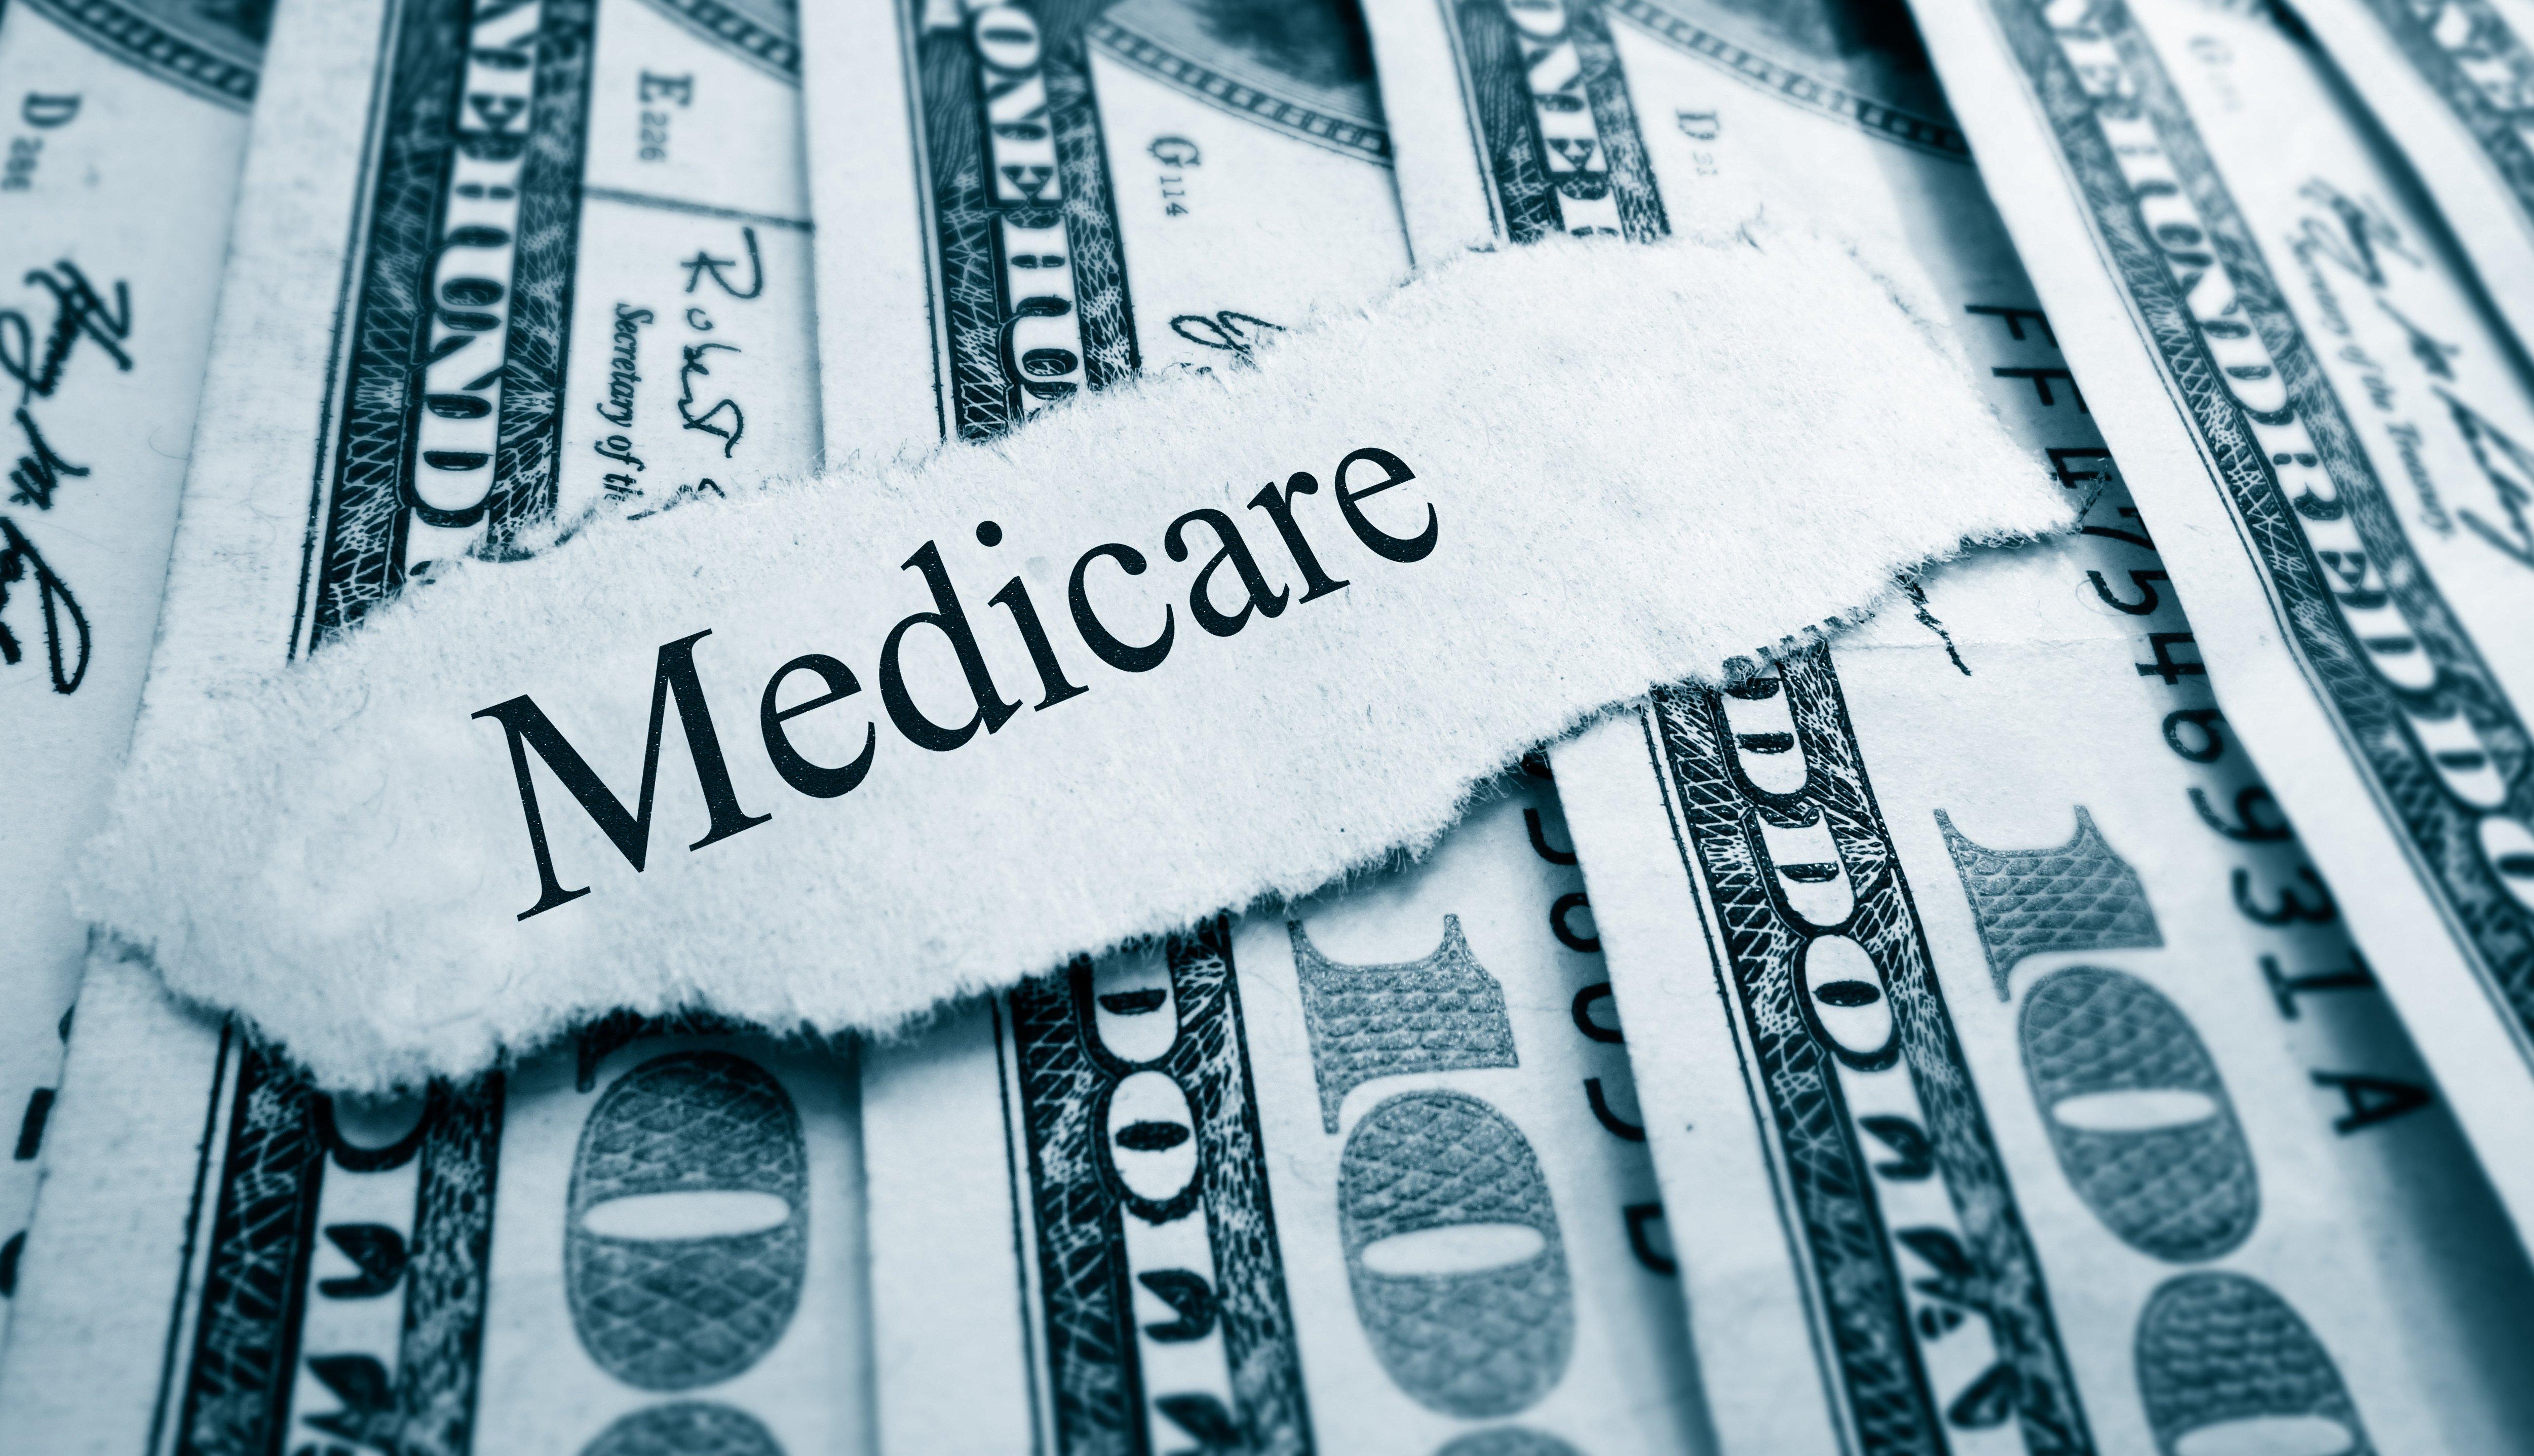 Medicare escrito en trozo de papel sobre billetes de cien dólares